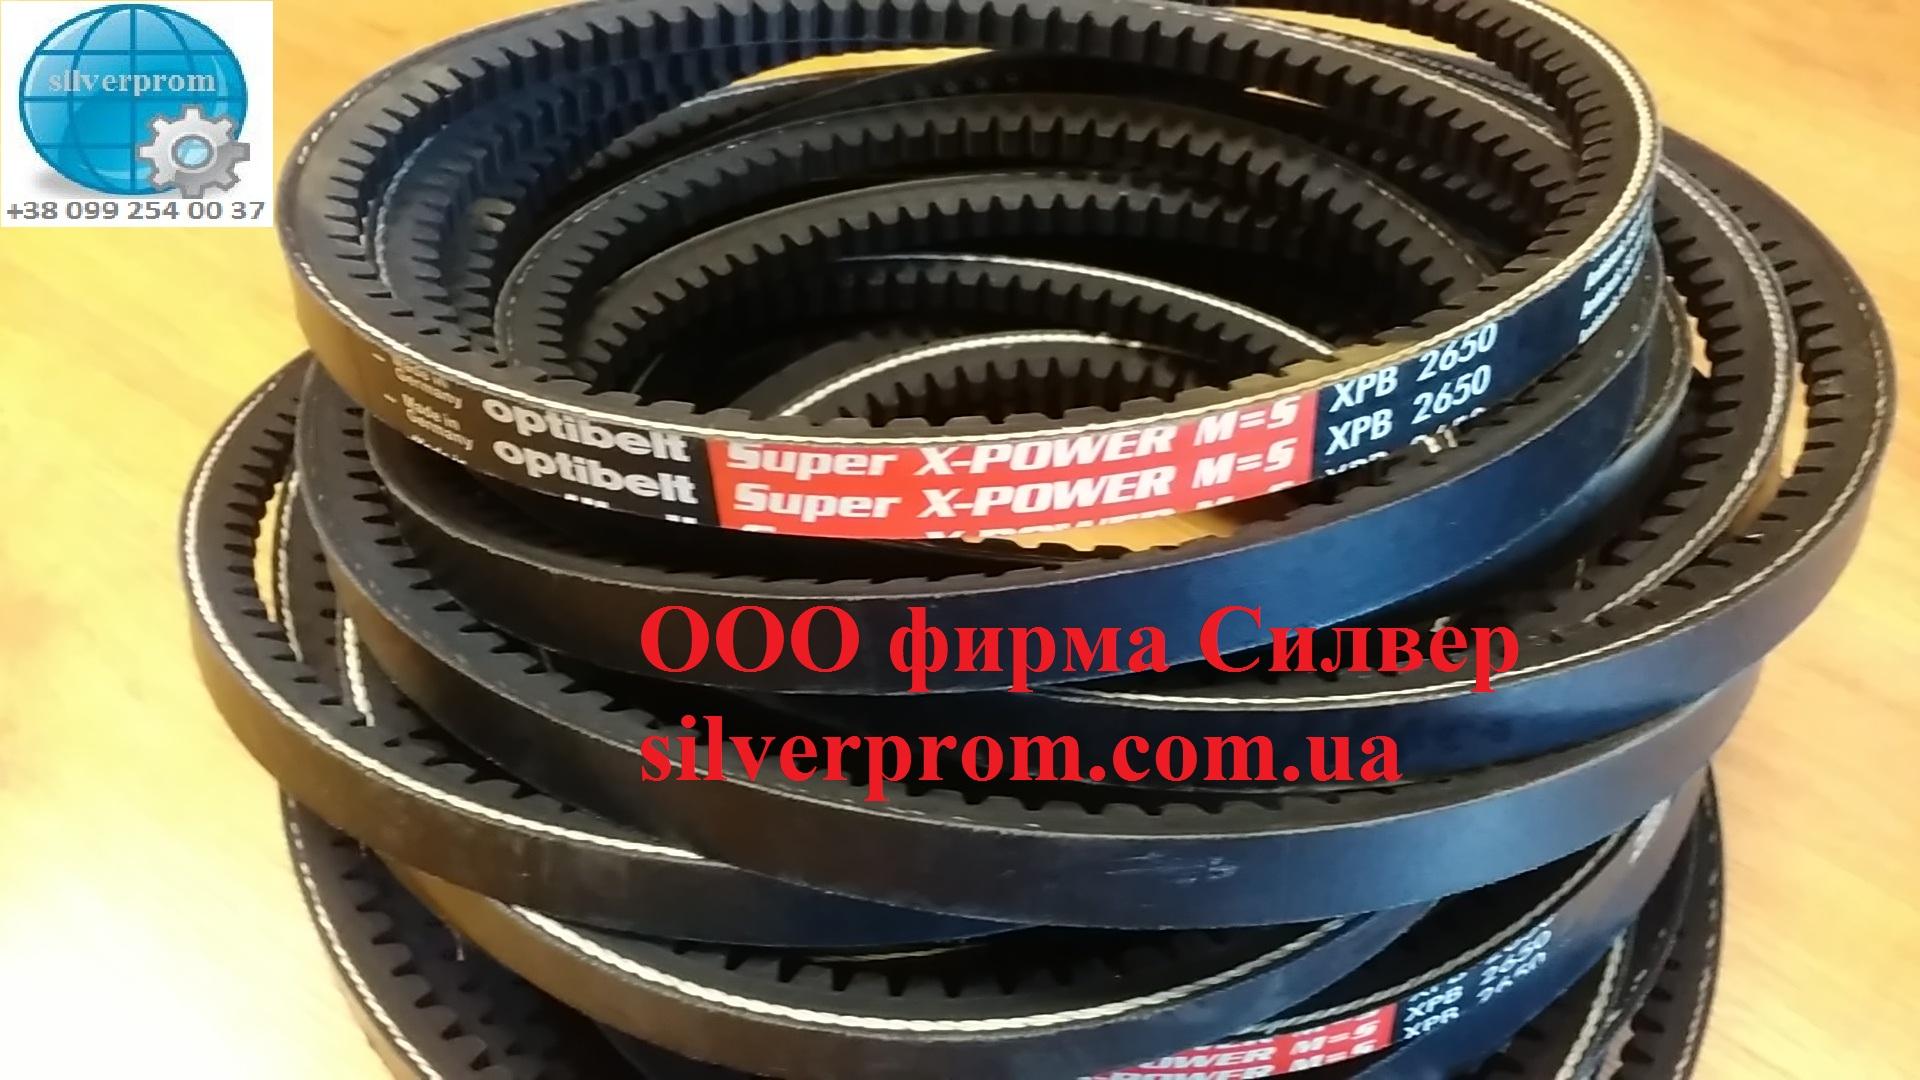 SILVERPROM предлагает купить- Приводной ремень, клиновые ремни, ремни приводные клиновые, ремни, приводные ремни купить